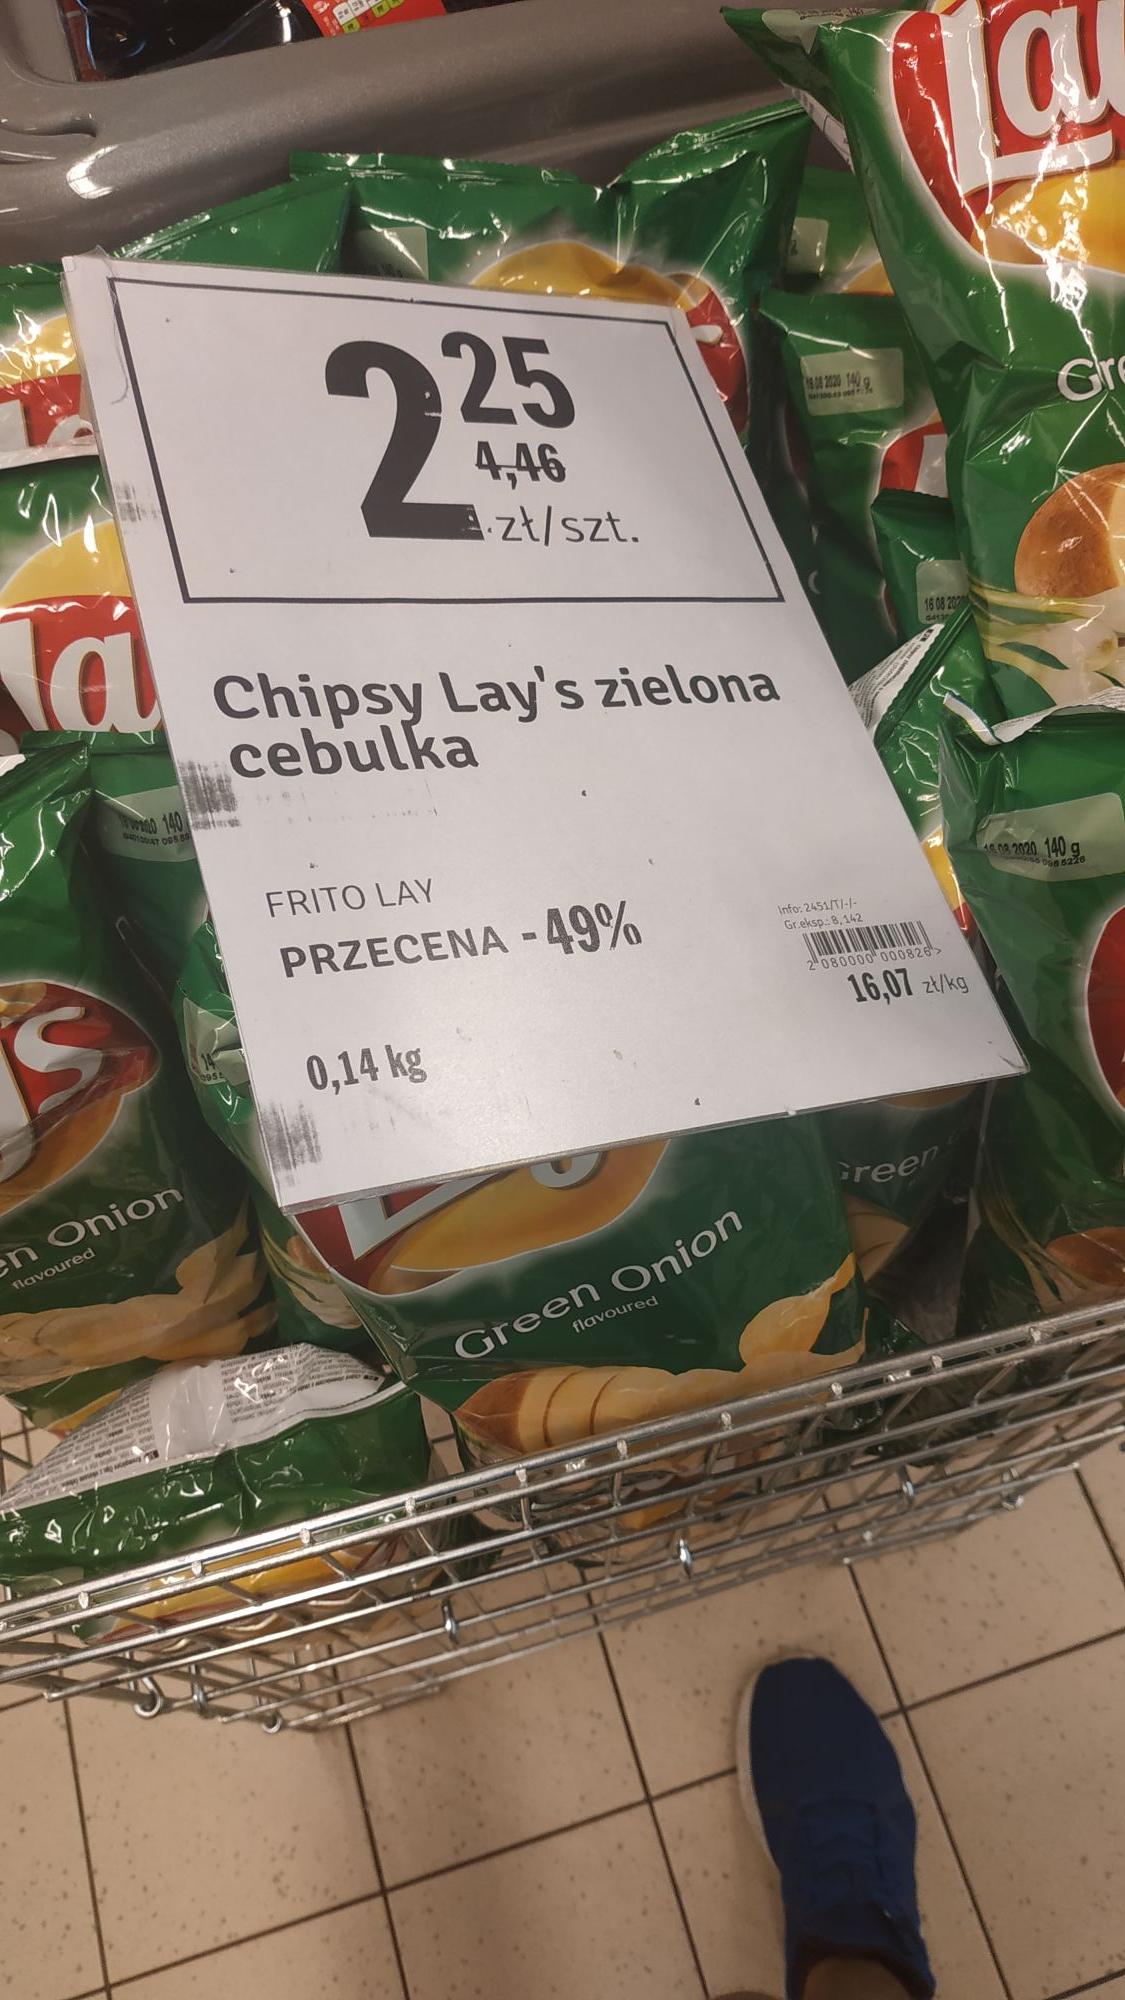 Chipsy Lays 140g. Stokrotka Warszawa Kondratowicza/Św. Wincentego